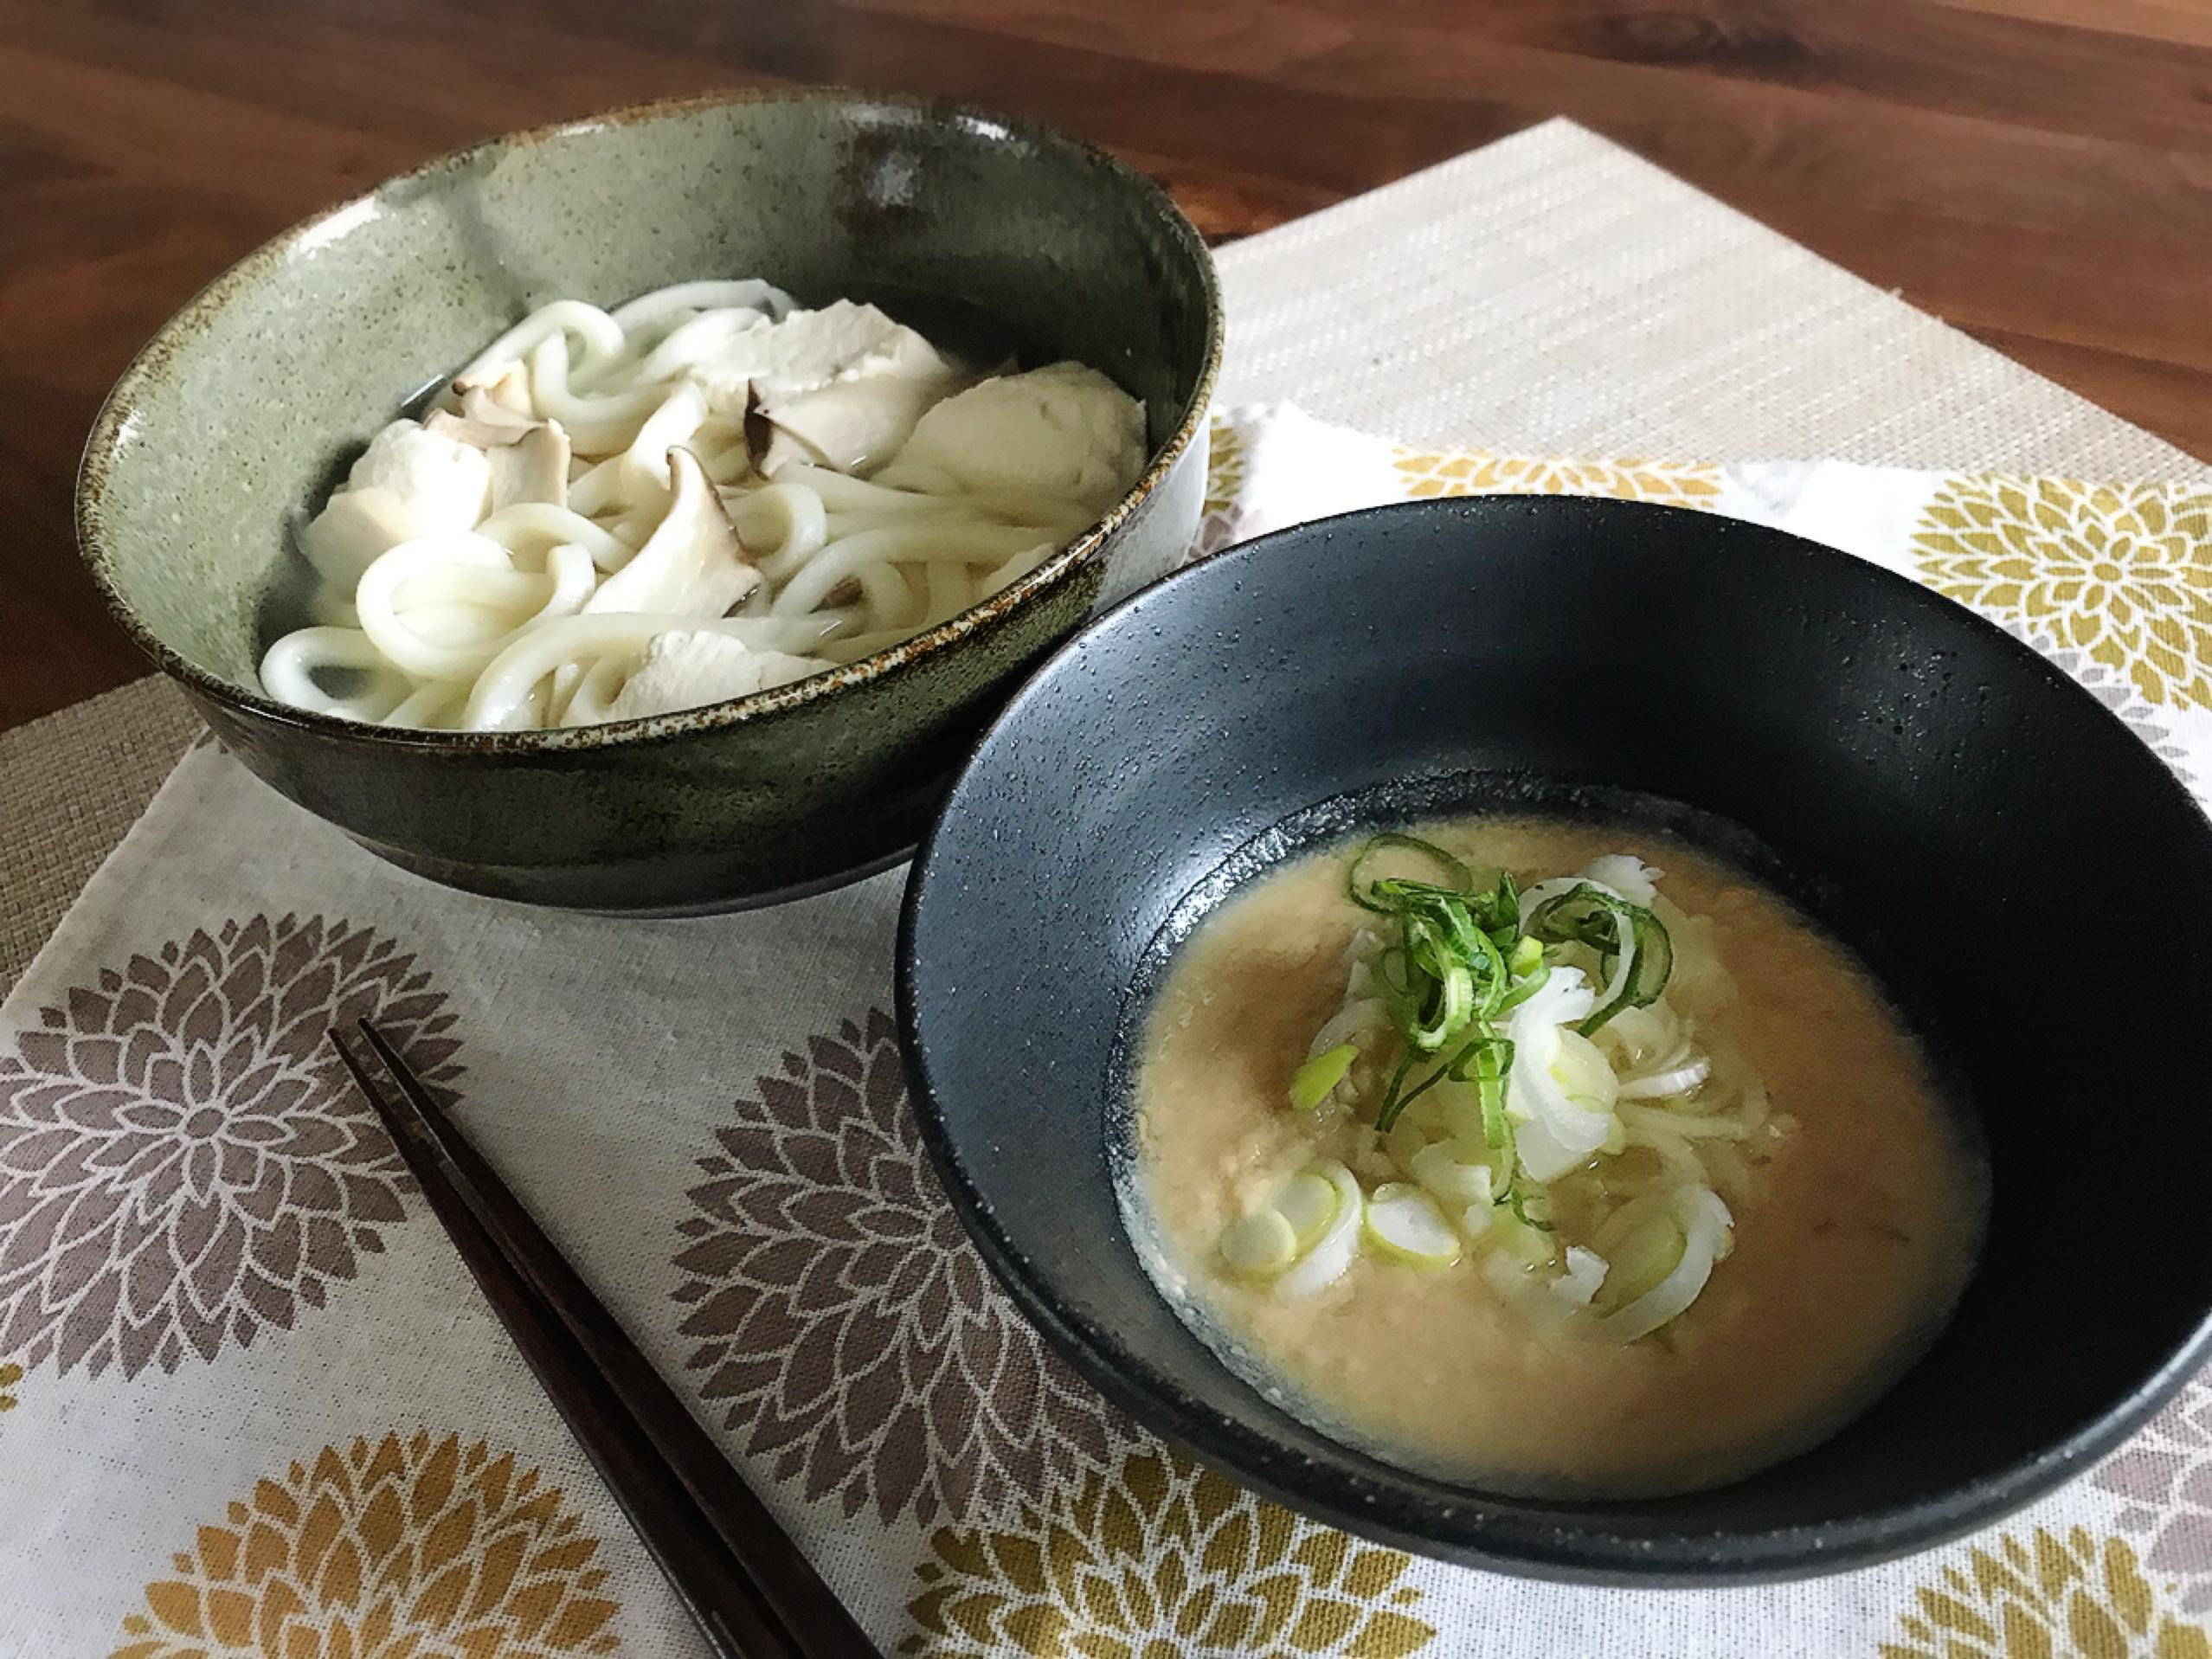 カラダあったまる生姜ごま味噌味★豆腐とエリンギの釜揚げうどん